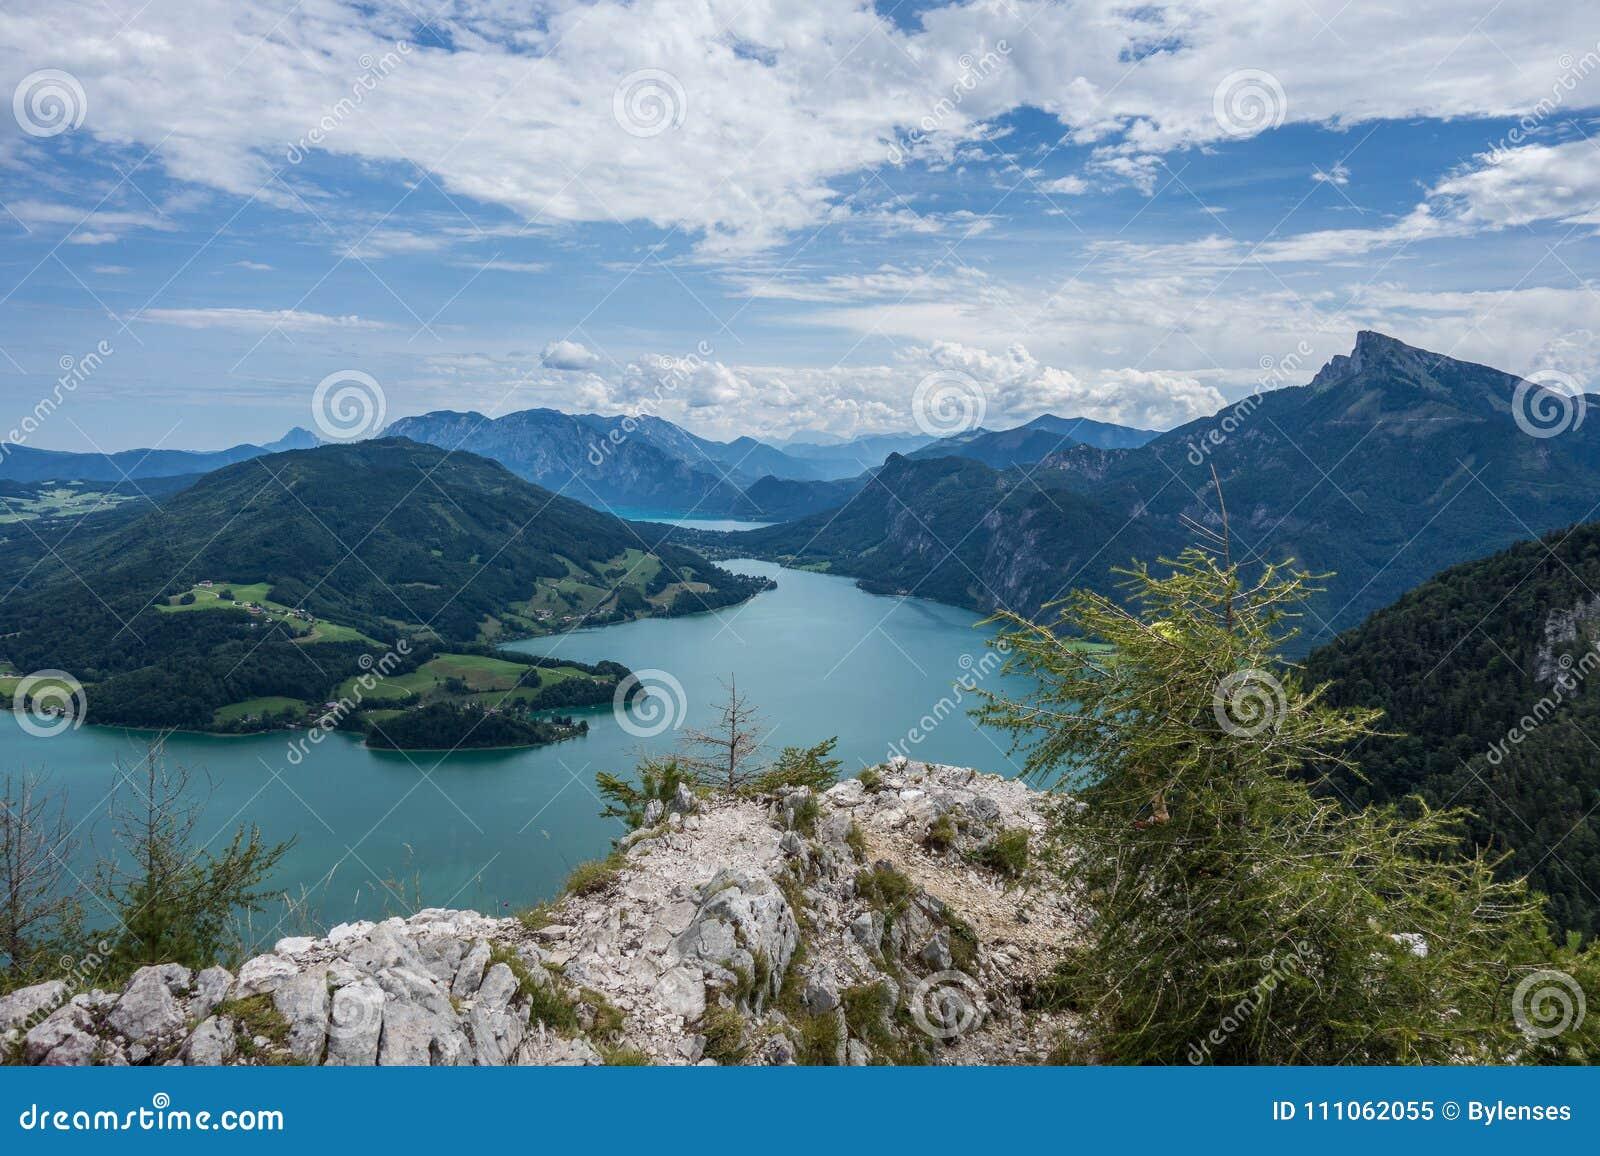 Klettersteig Mondsee : Kletterer am mondsee und attersee blick von der drachenwand rock